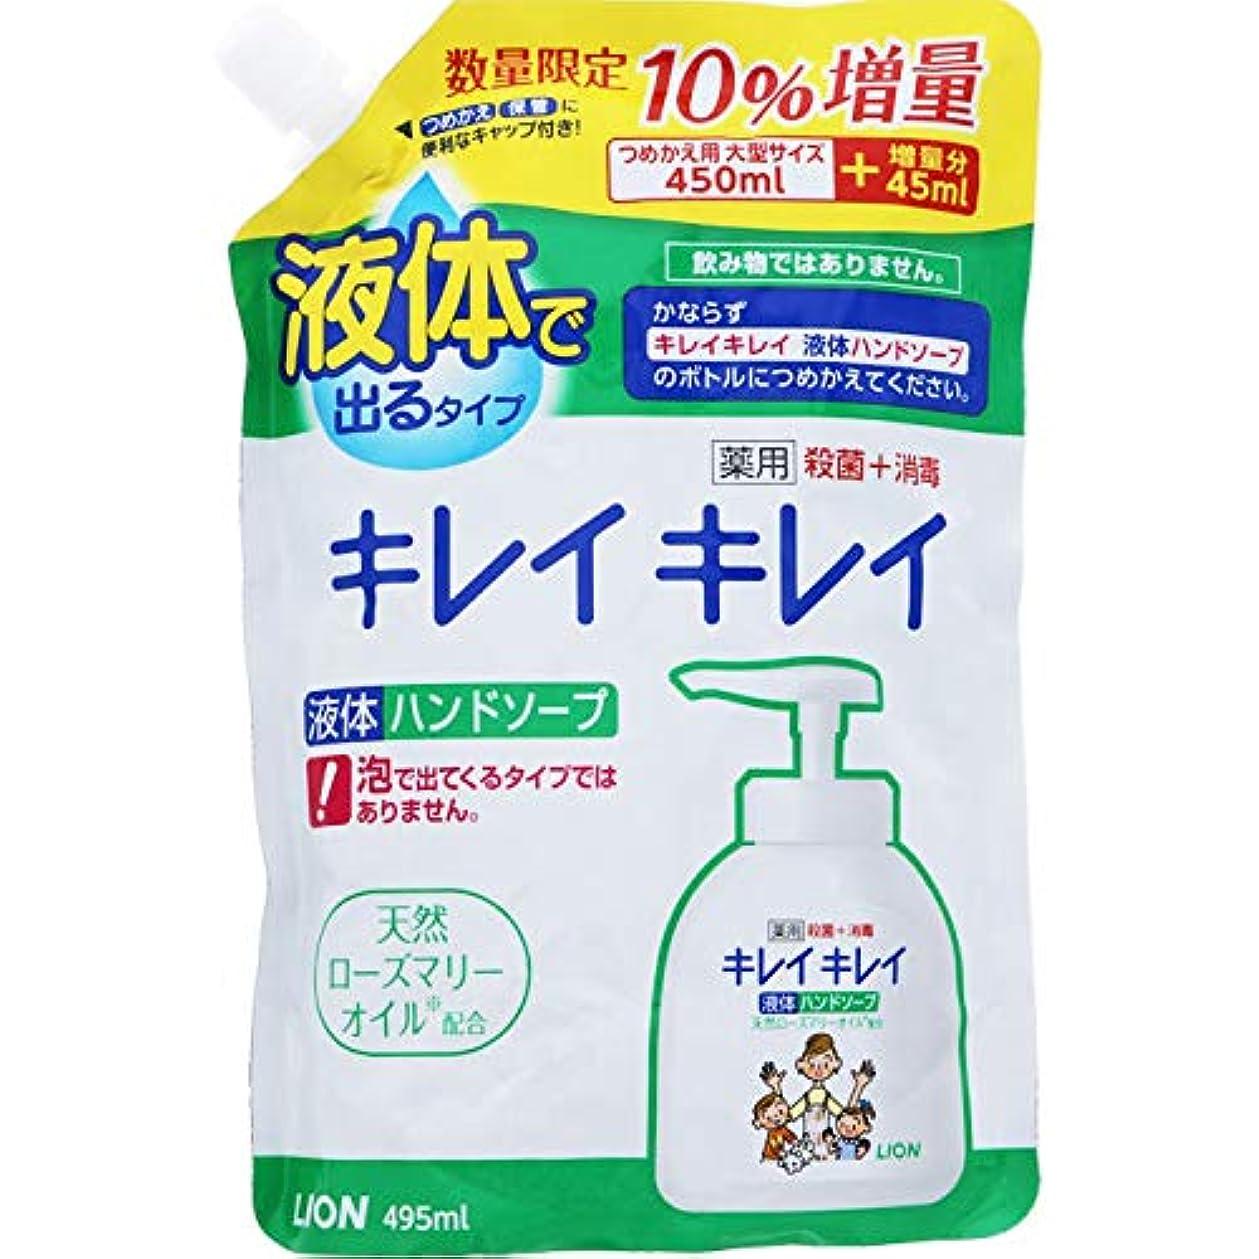 味方液体むき出しライオン キレイキレイ 薬用ハンドソープ 詰替用大型増量 450+45ml